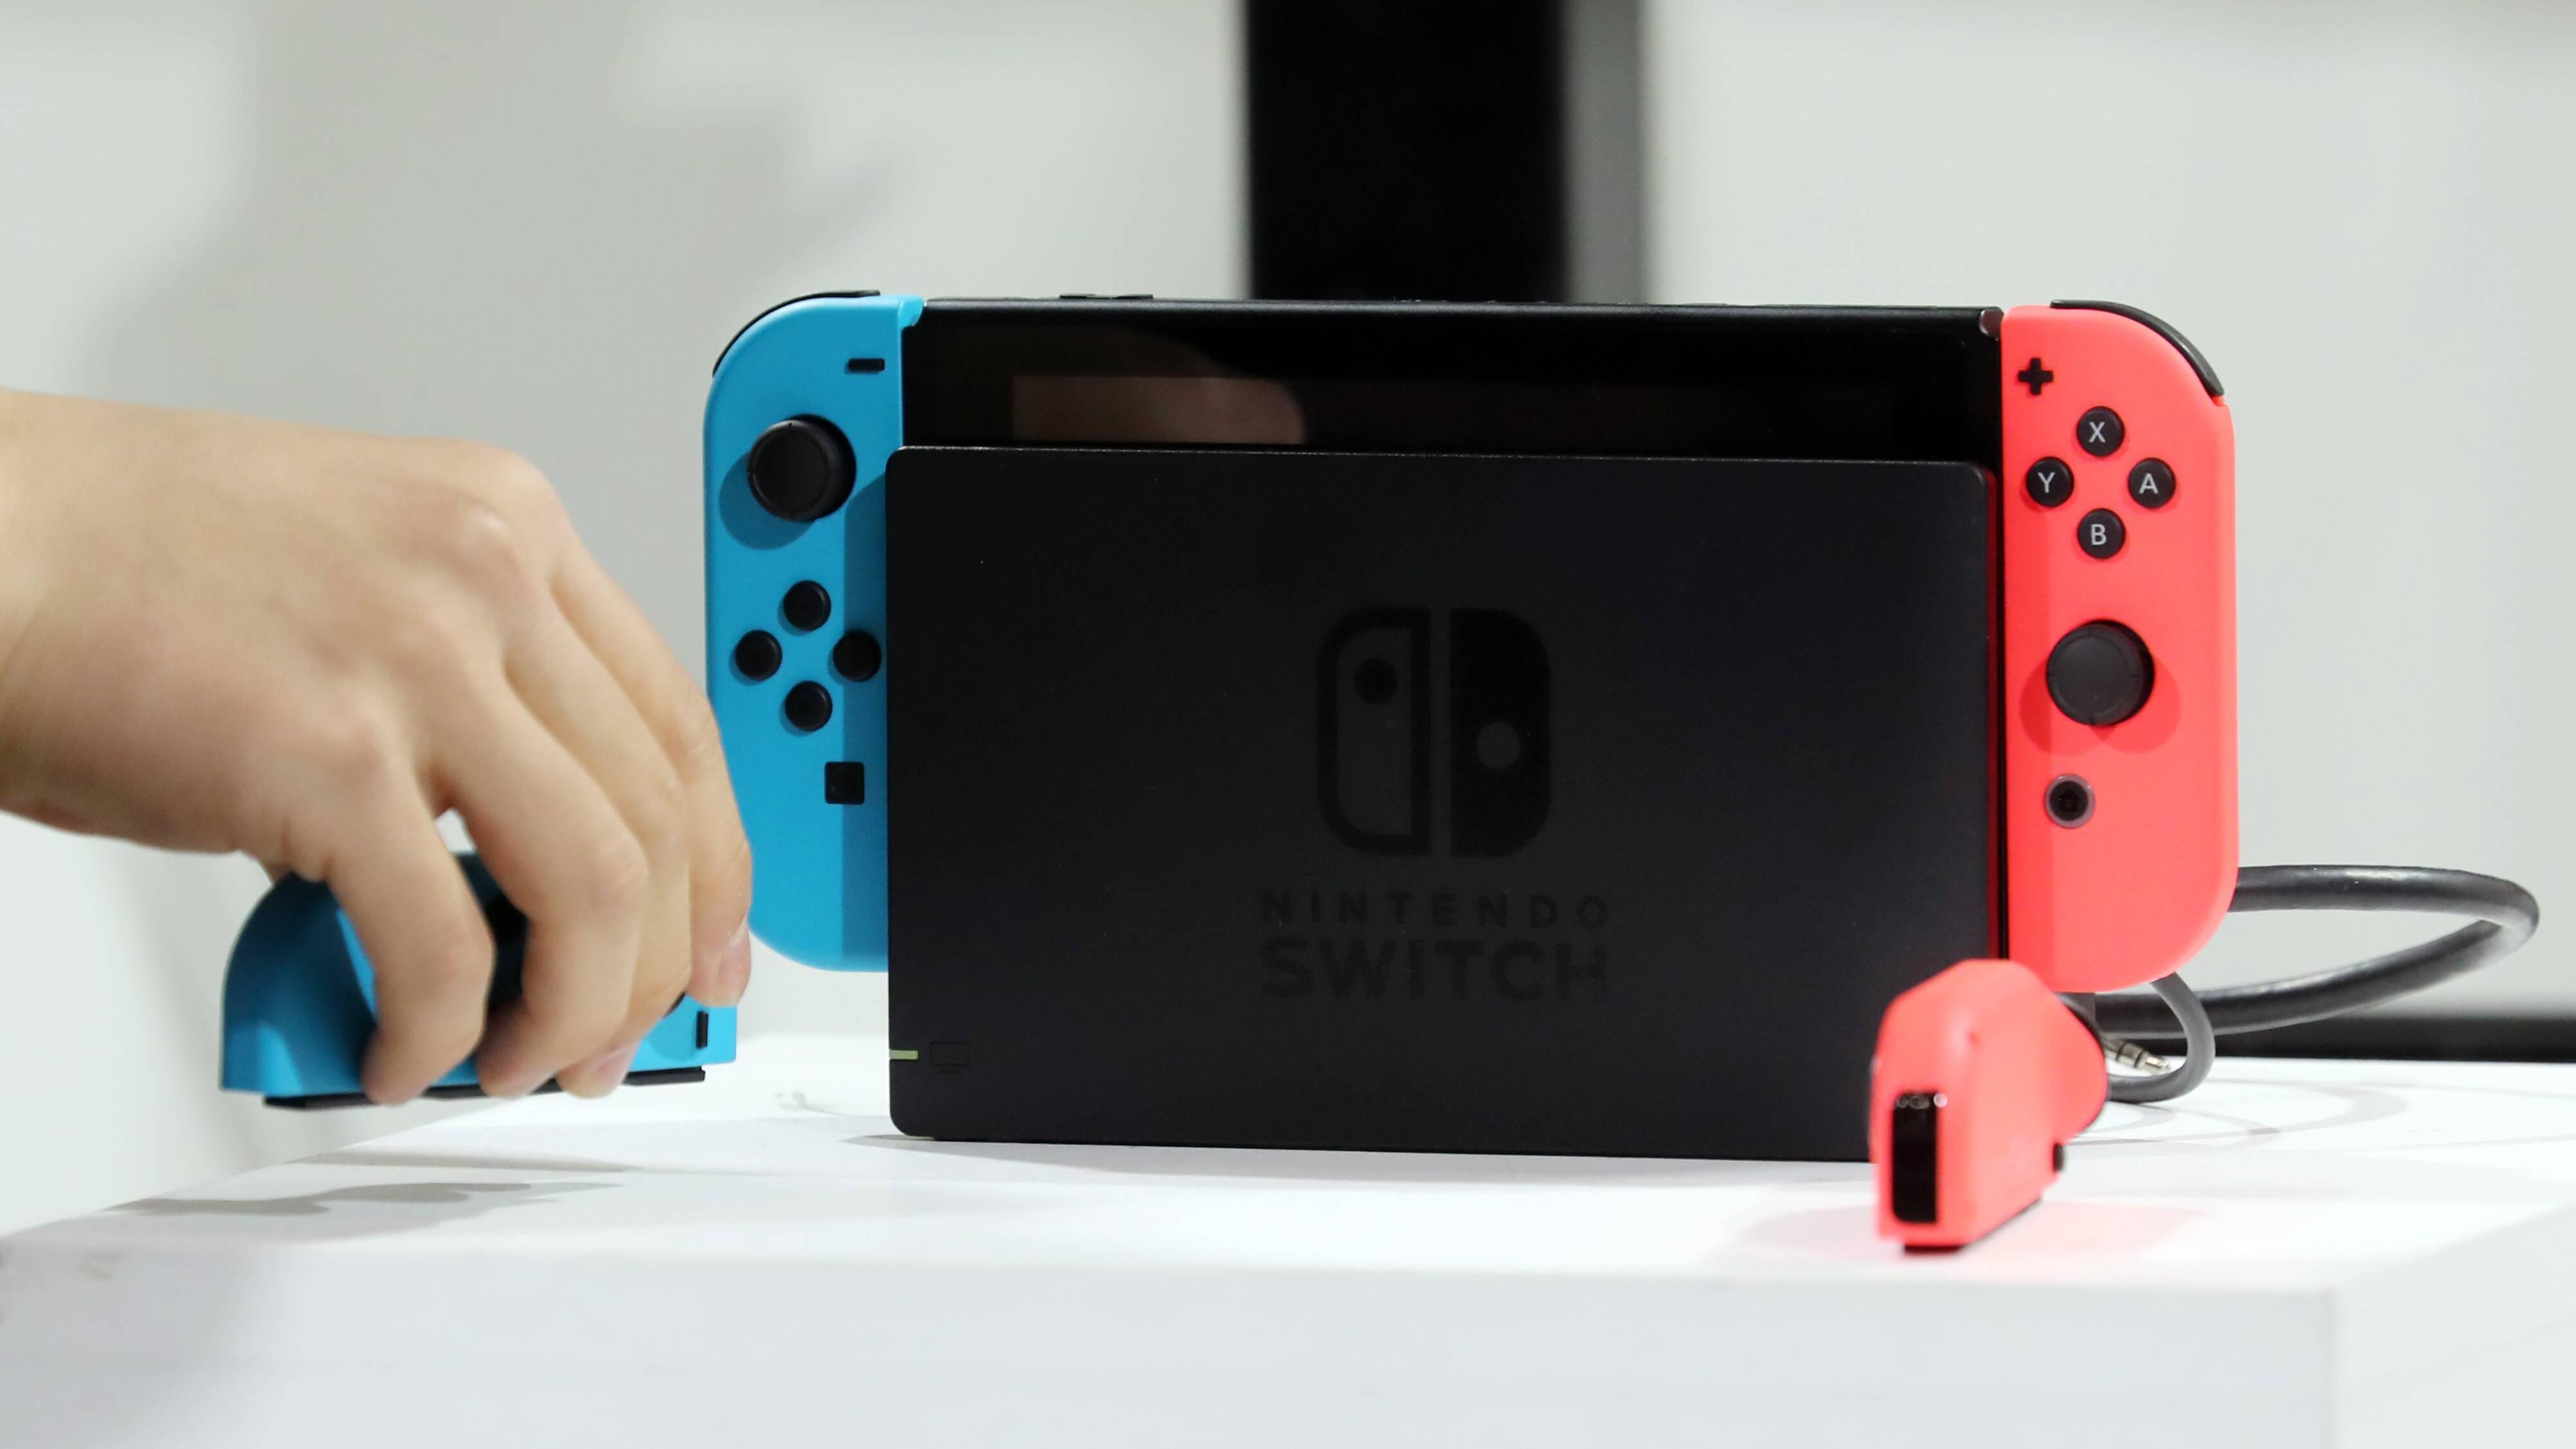 Nintendo Switch: Zu zweit spielen - diese Möglichkeiten gibt's